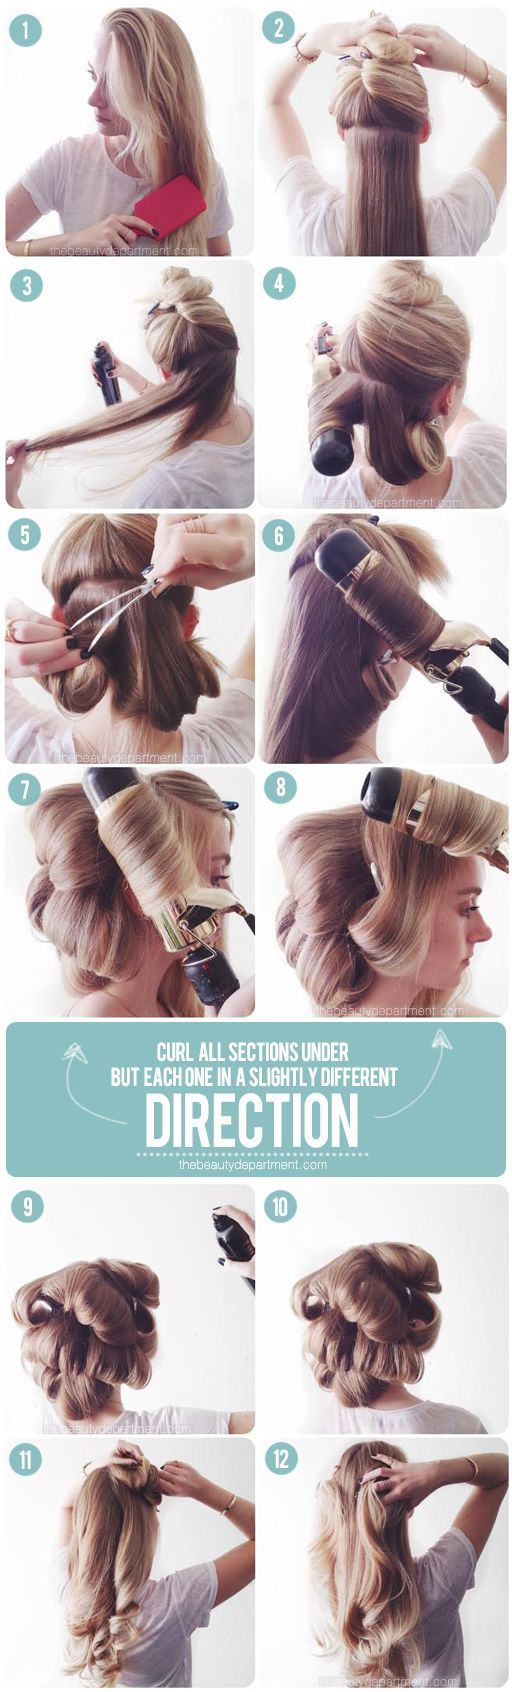 817fcbd665067245be3e98b3243b7f16 - How To Get A Blowout Look With A Straightener